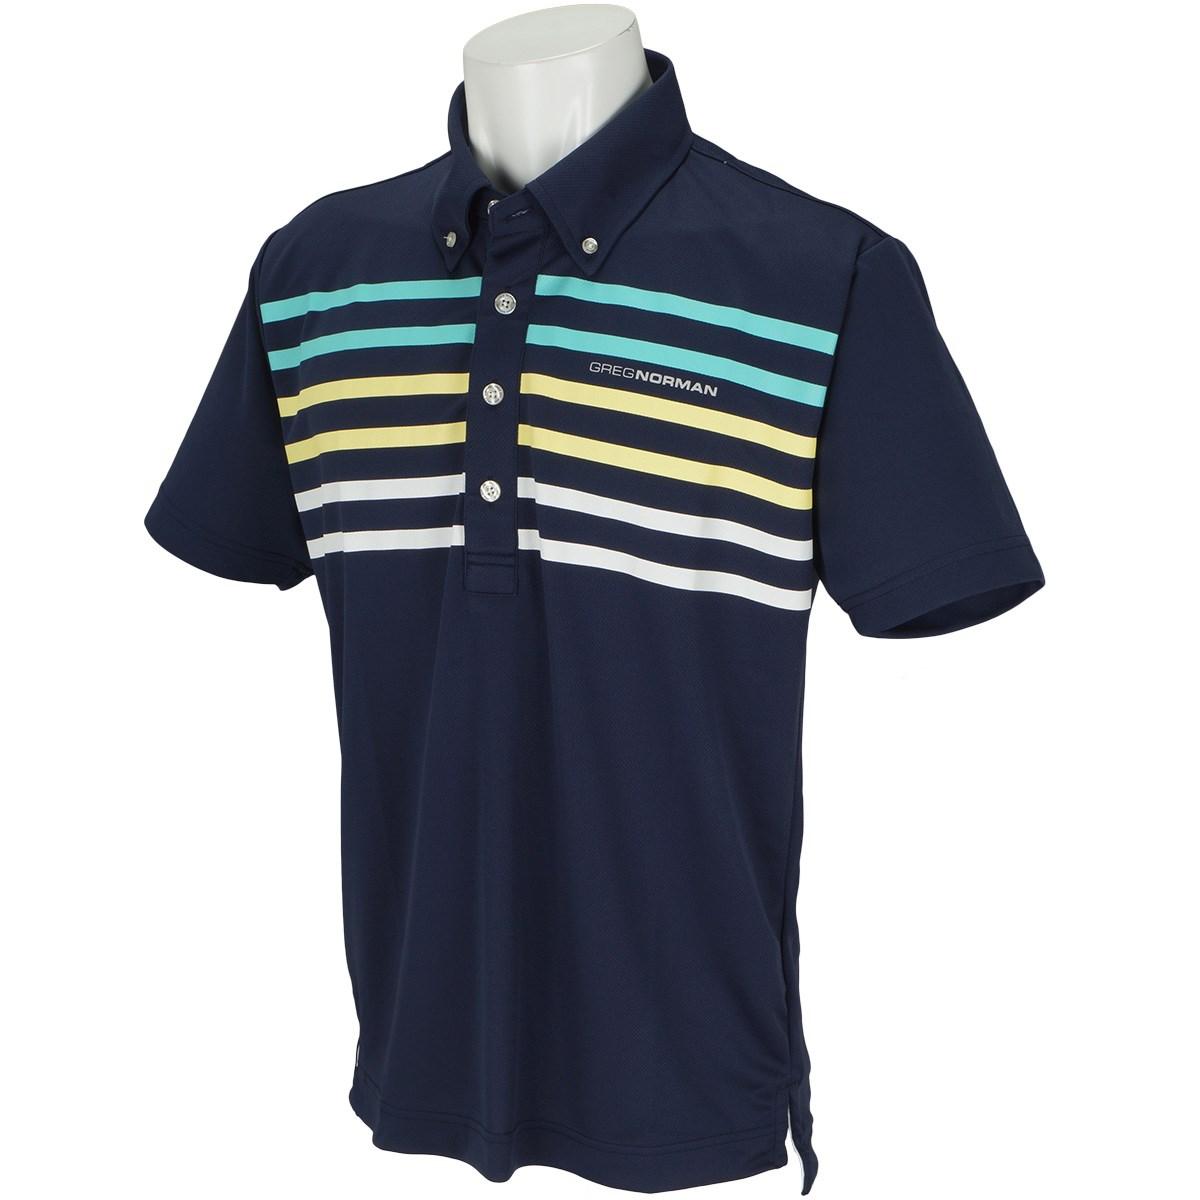 グレッグノーマン パネルボーダー 半袖ボタンダウンポロシャツ